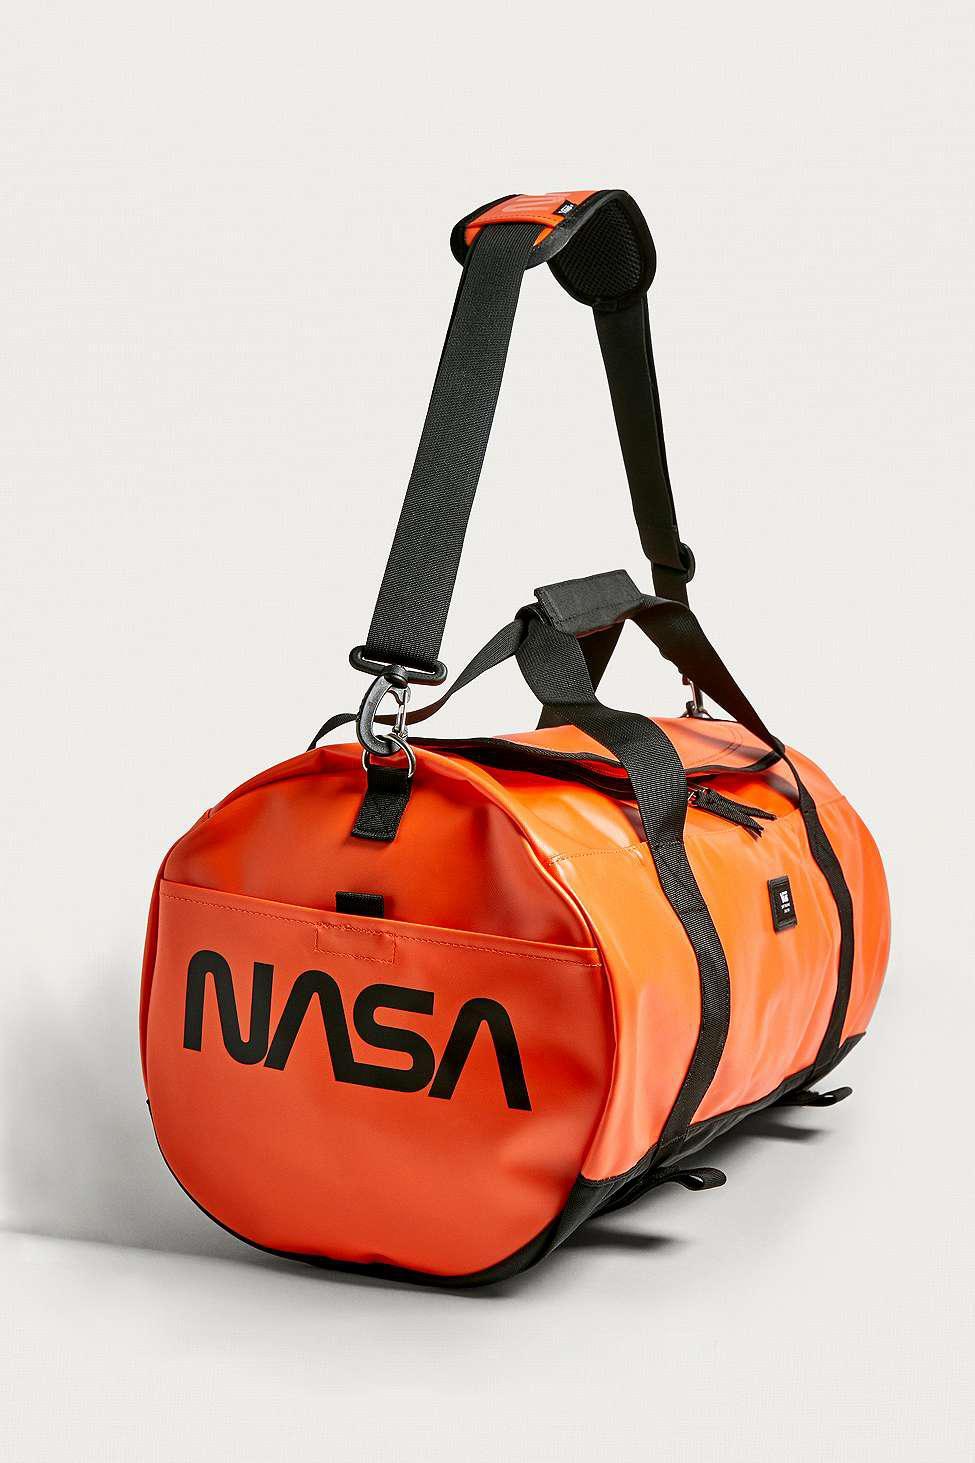 c4dd69399a Vans Space Voyager Nasa Grind Skate Barrel Bag - Mens All in Orange ...